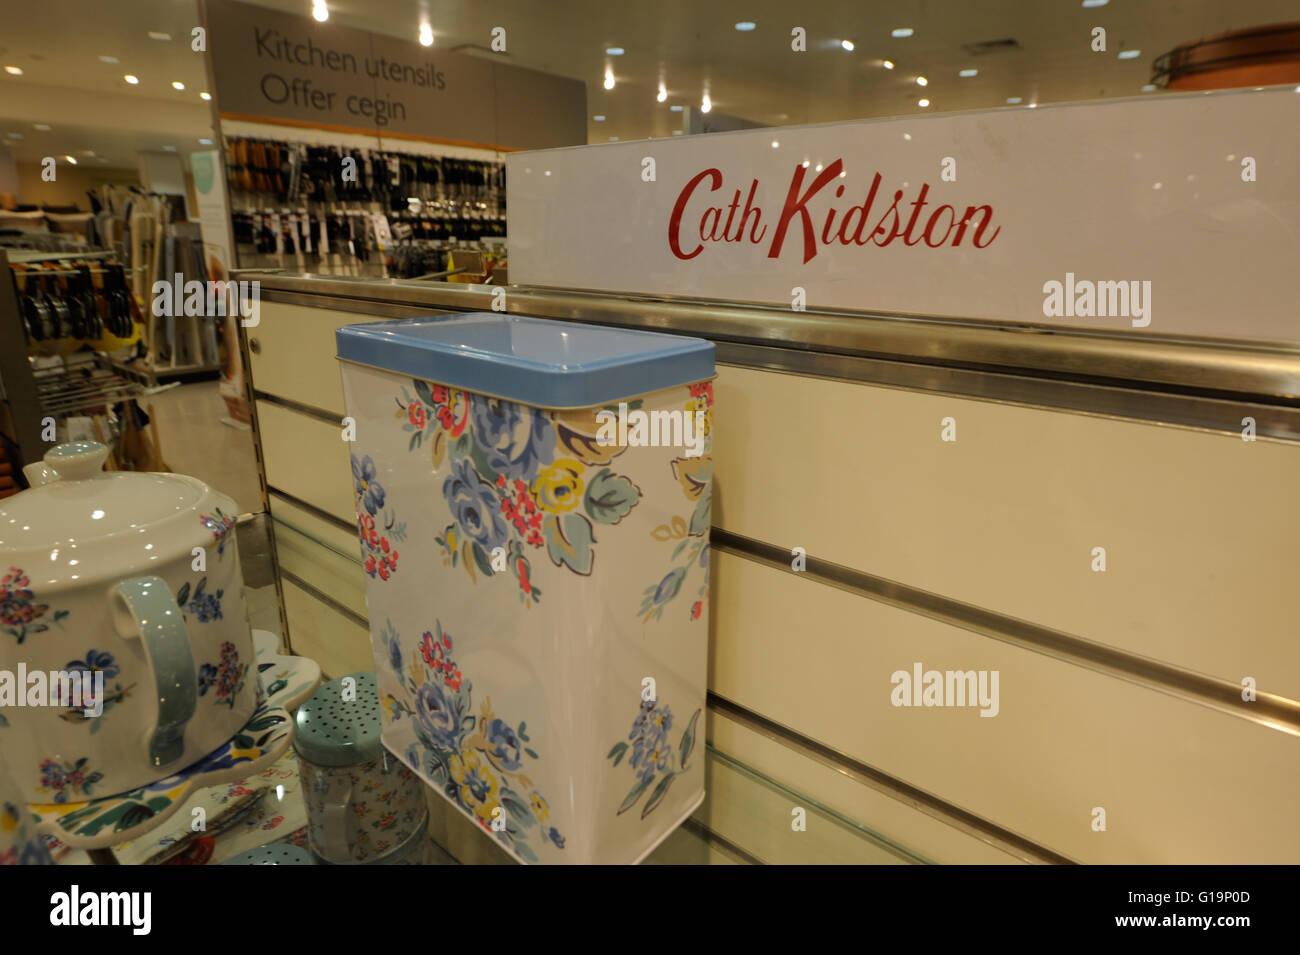 Cath Kidston -,meubles,magasins de détail,UK Photo Stock